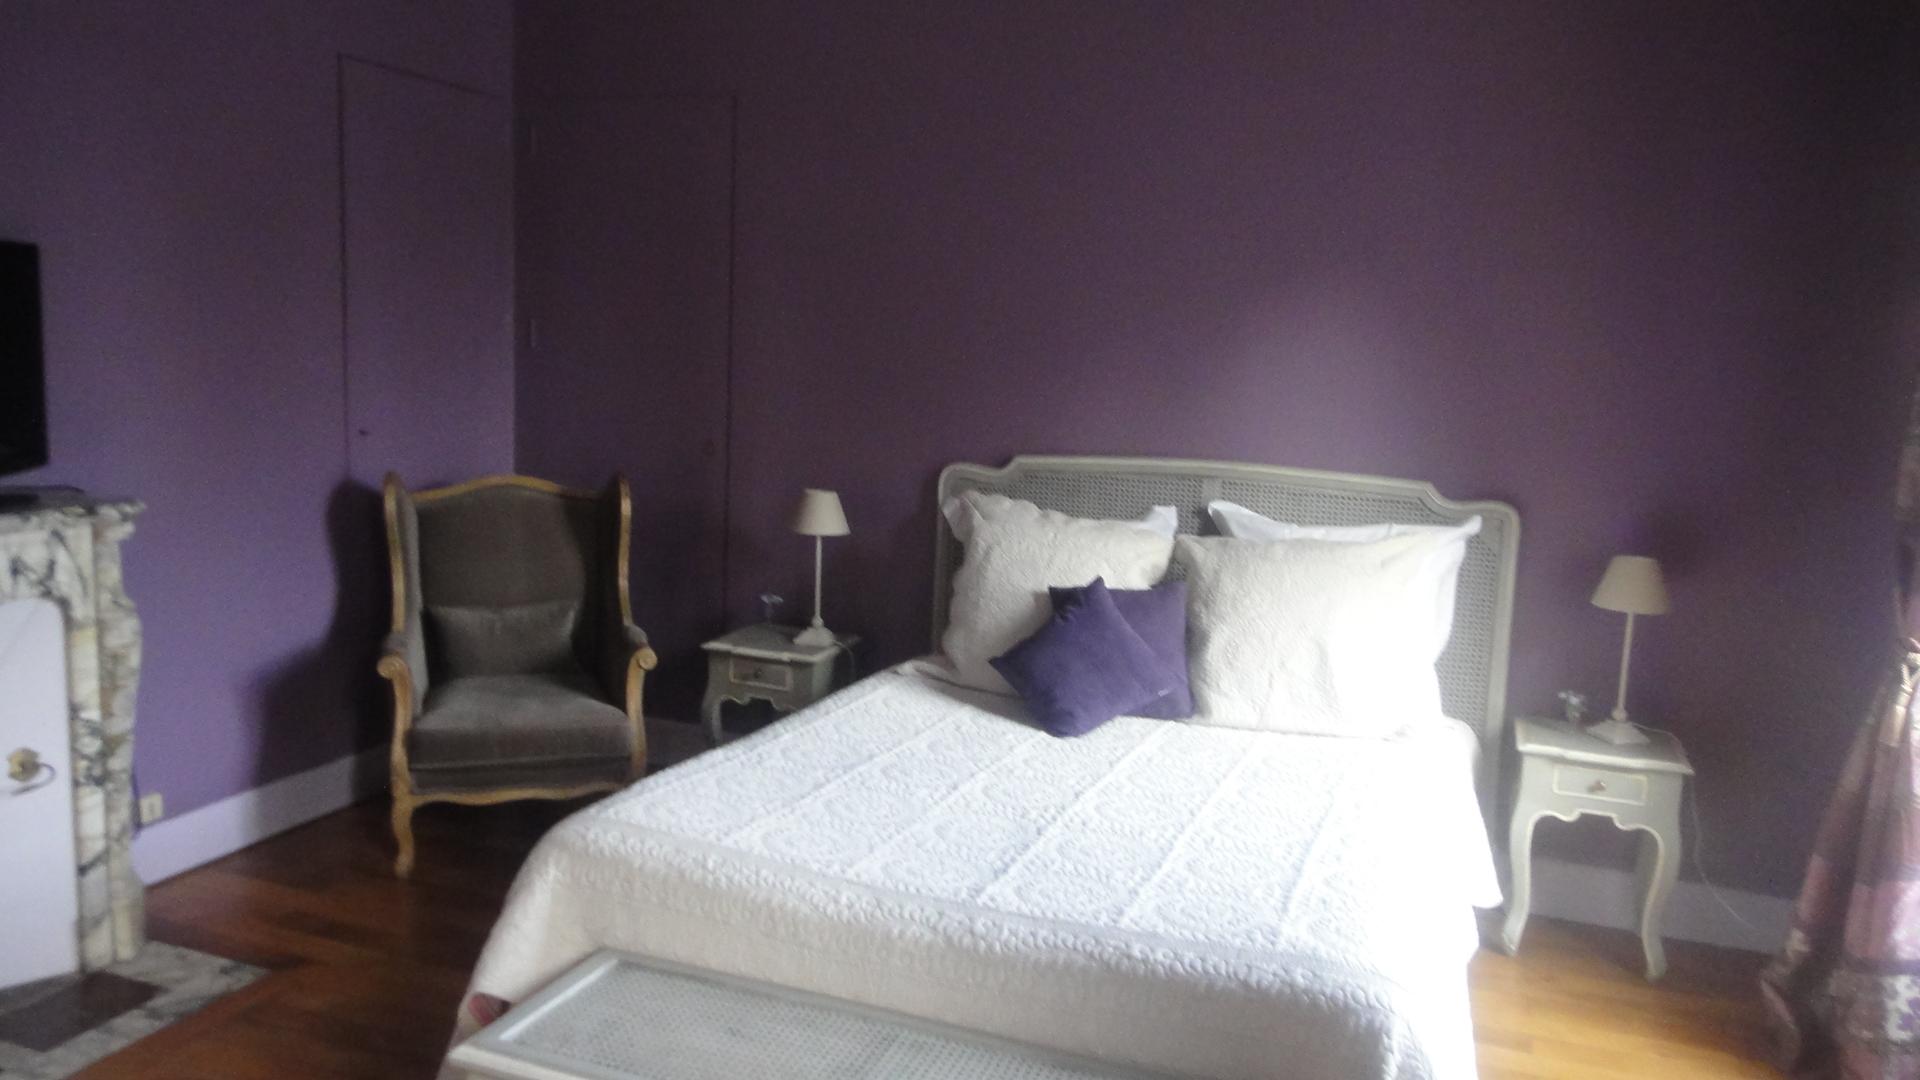 visite le mans h tels le mans tourisme pays de la loire plus de 24 heures au mans voyages. Black Bedroom Furniture Sets. Home Design Ideas